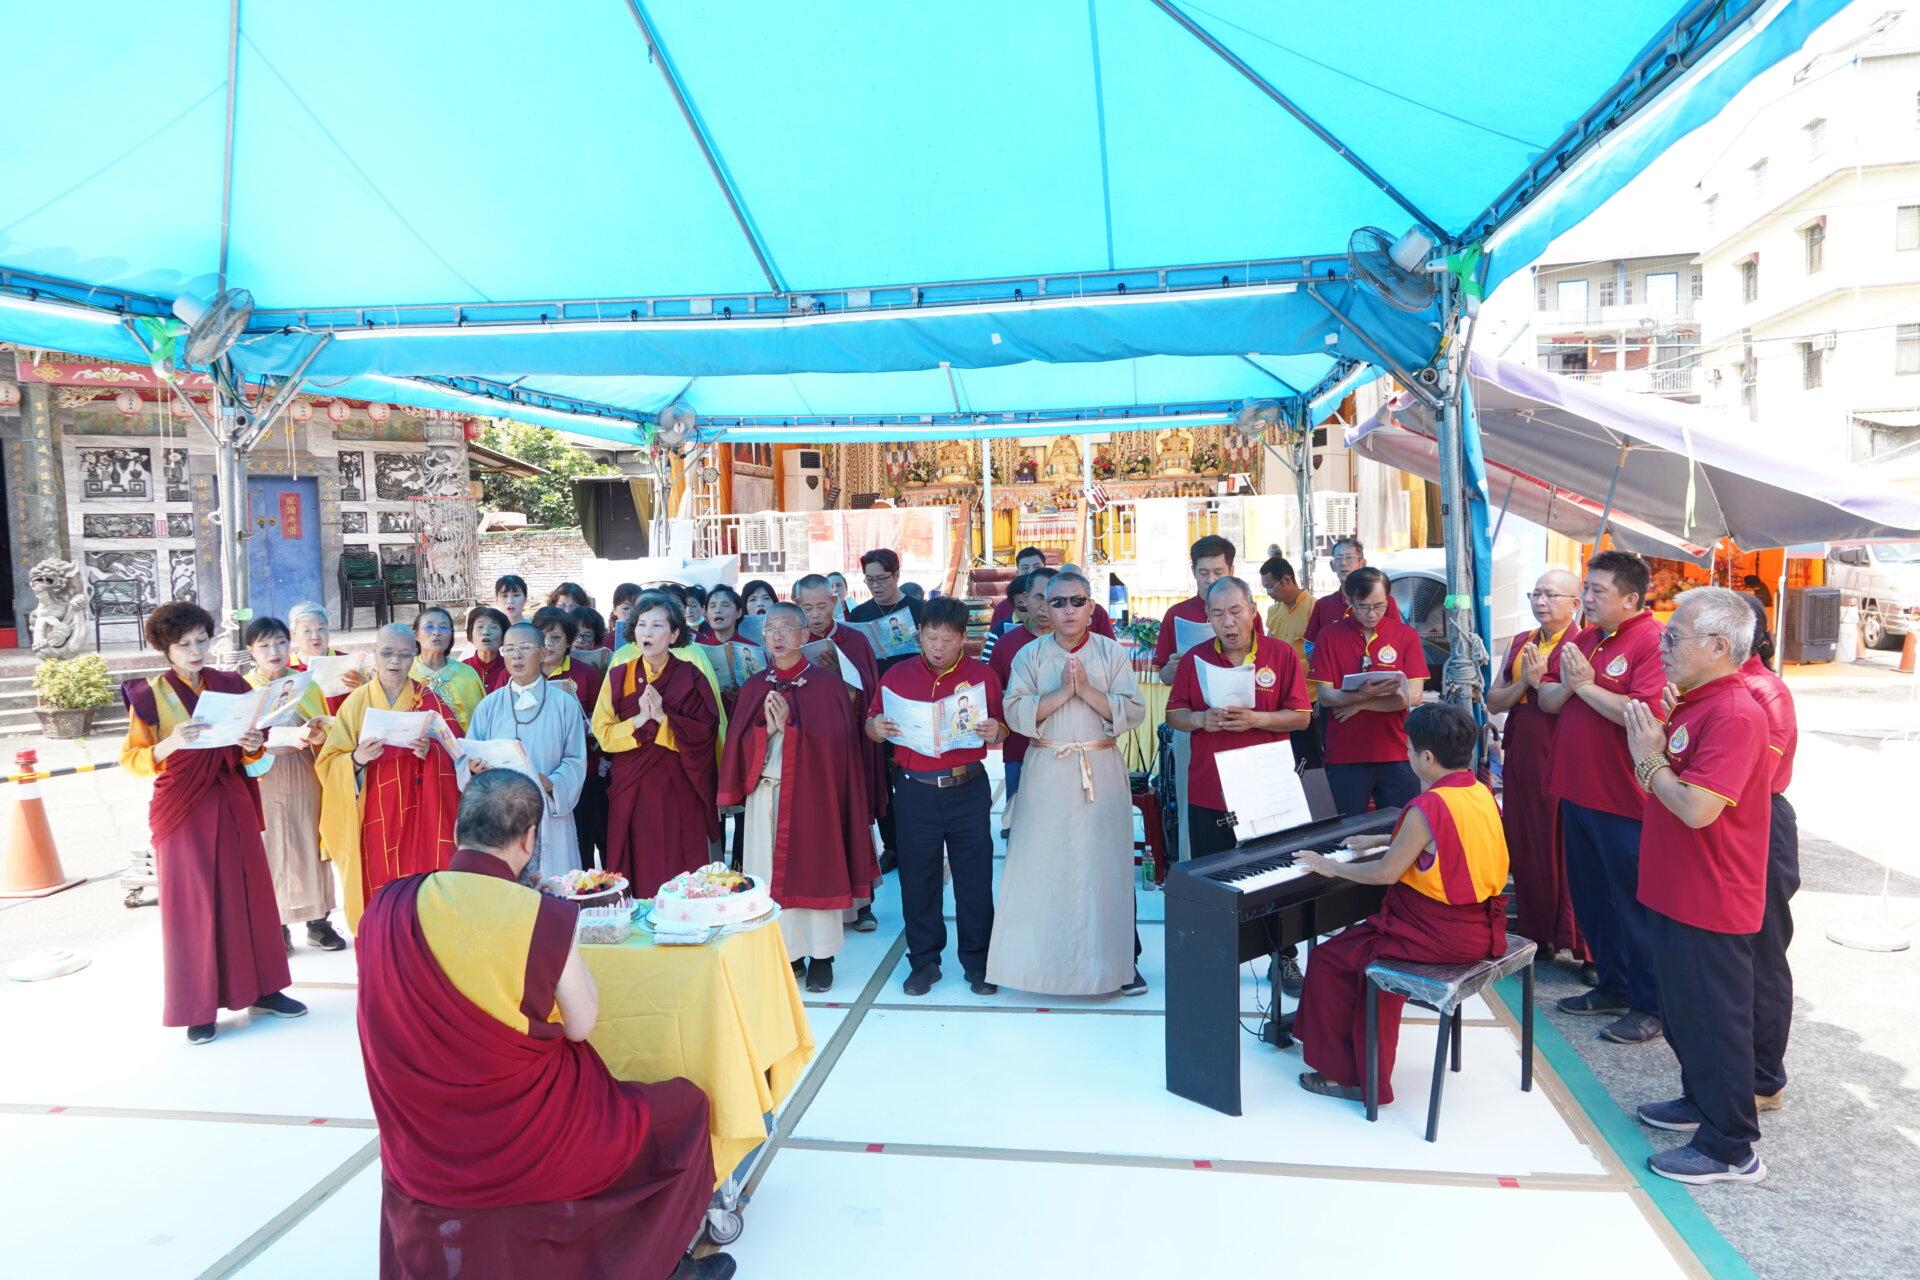 行動佛殿135站高雄大樹,適逢母親節祝福天下母親平安健康